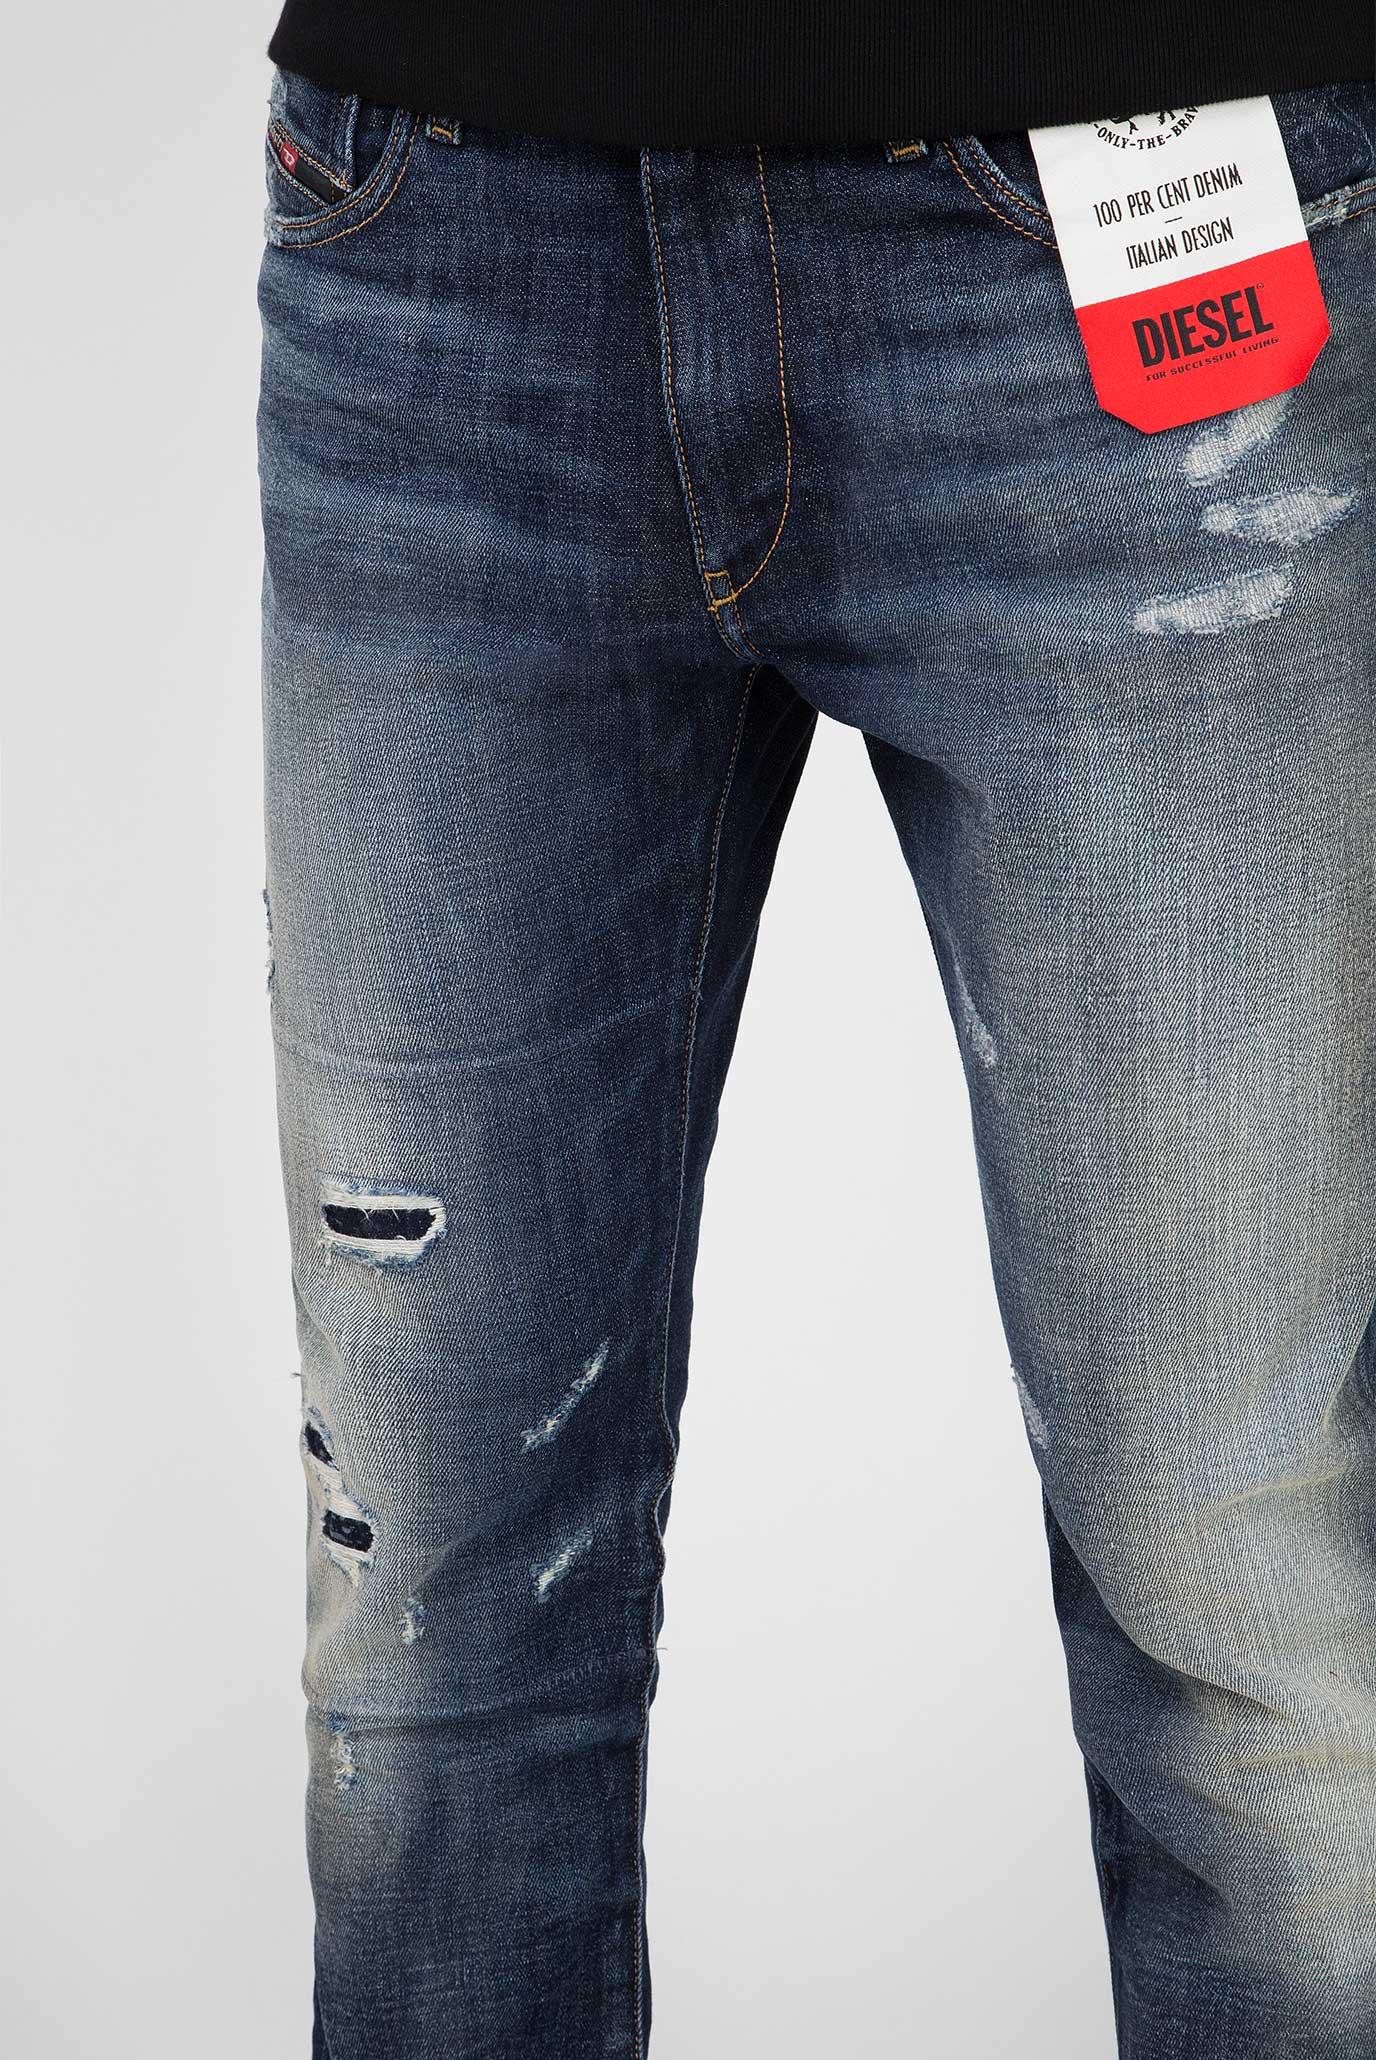 Мужские темно-синие джинсы D-STRUKT Diesel